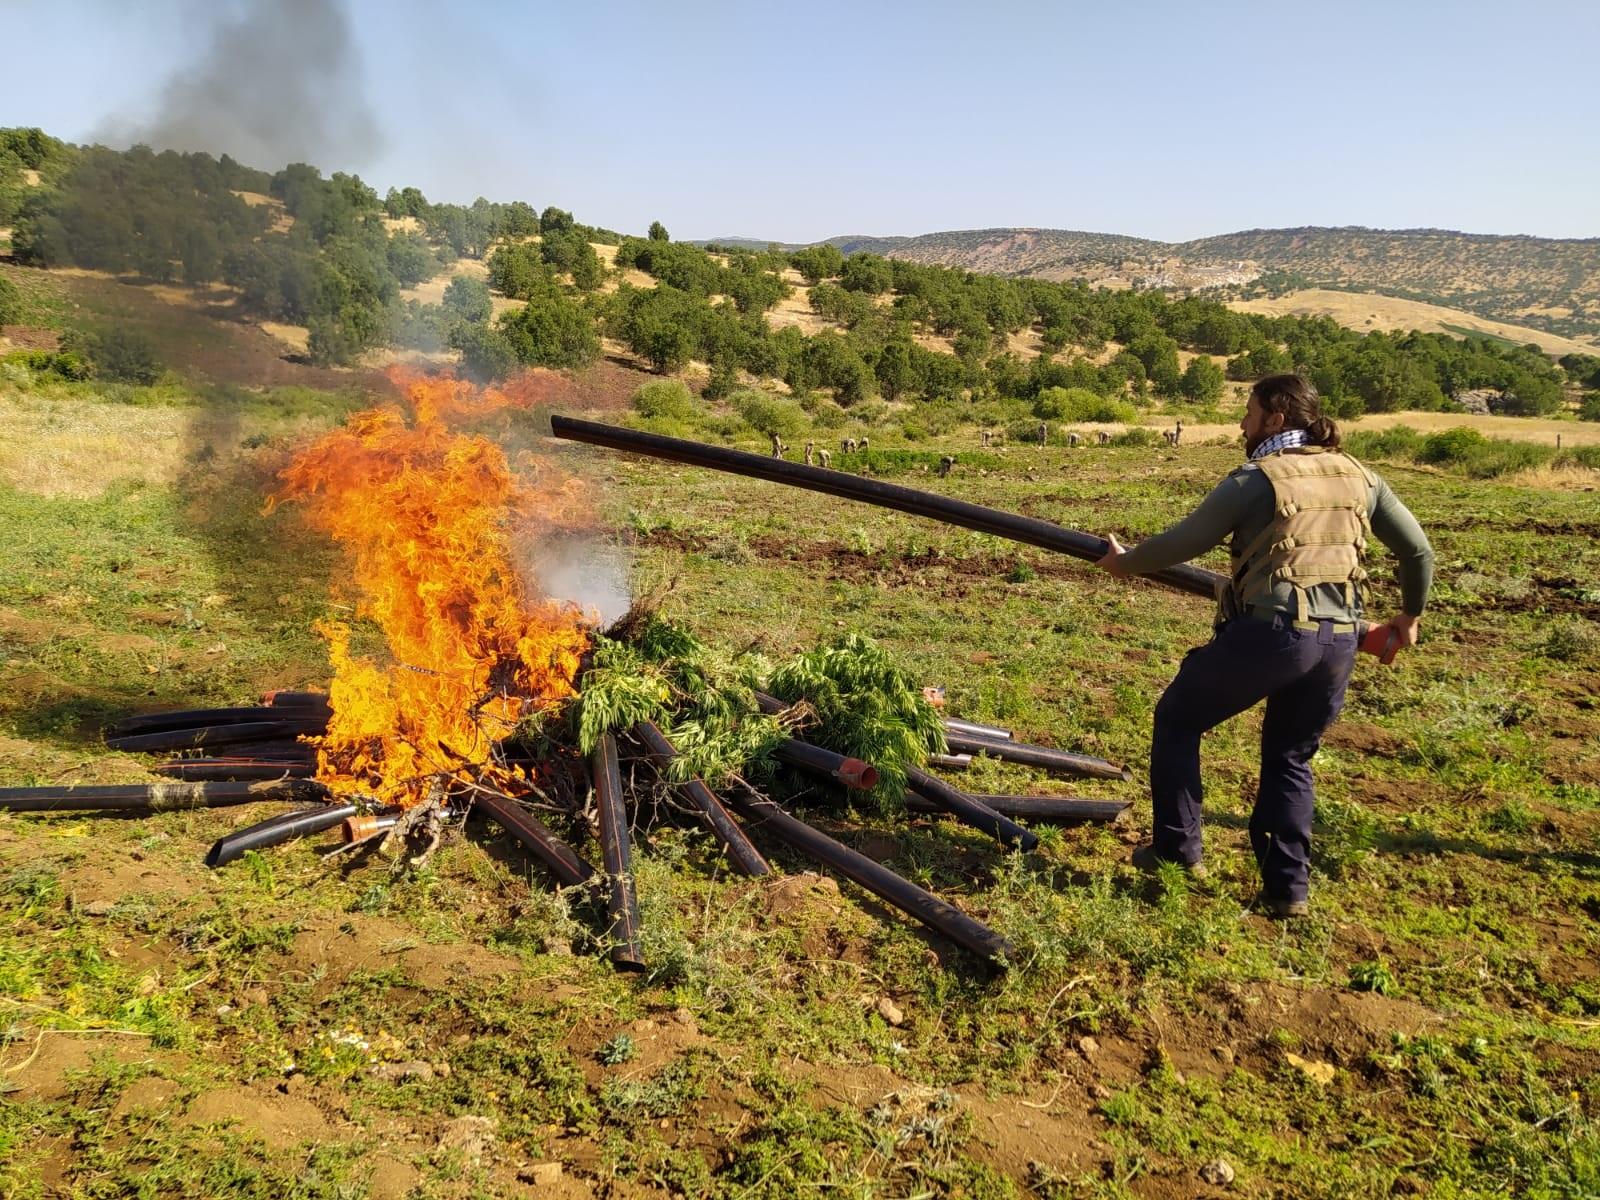 Diyarbakır'da zehir tacirlerine büyük darbe: Milyonlarca ele geçirildi